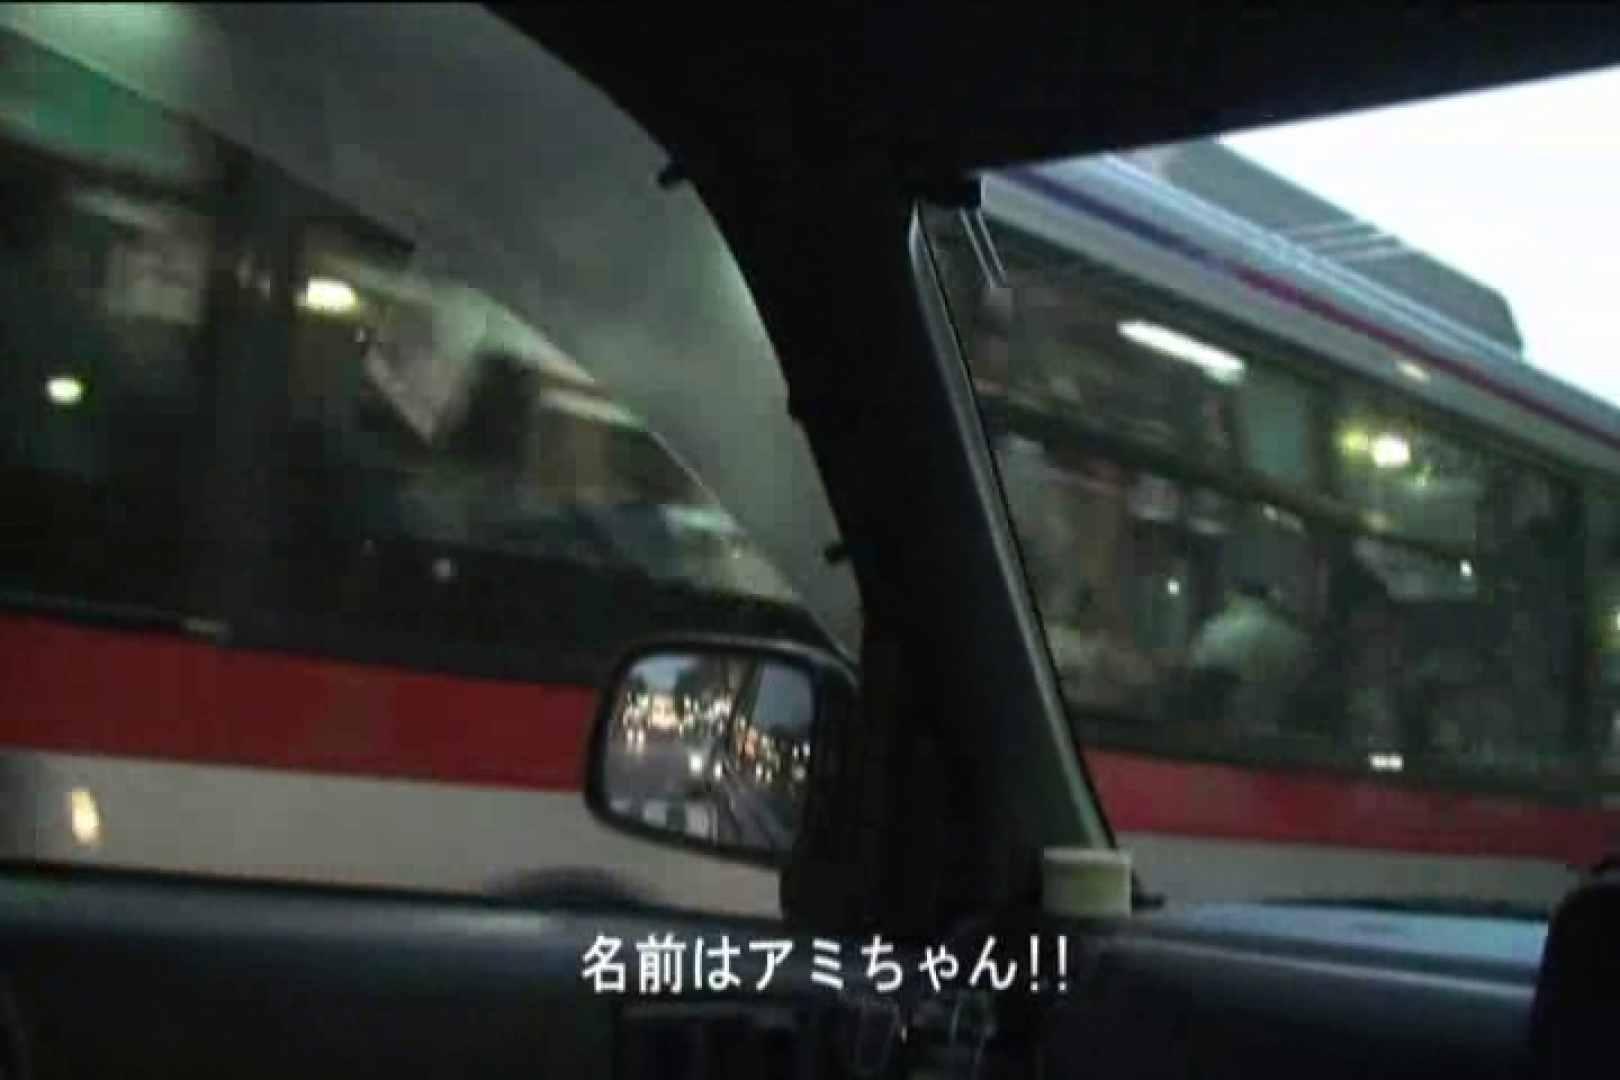 車内で初めまして! vol01 ハプニング   盗撮  68pic 1